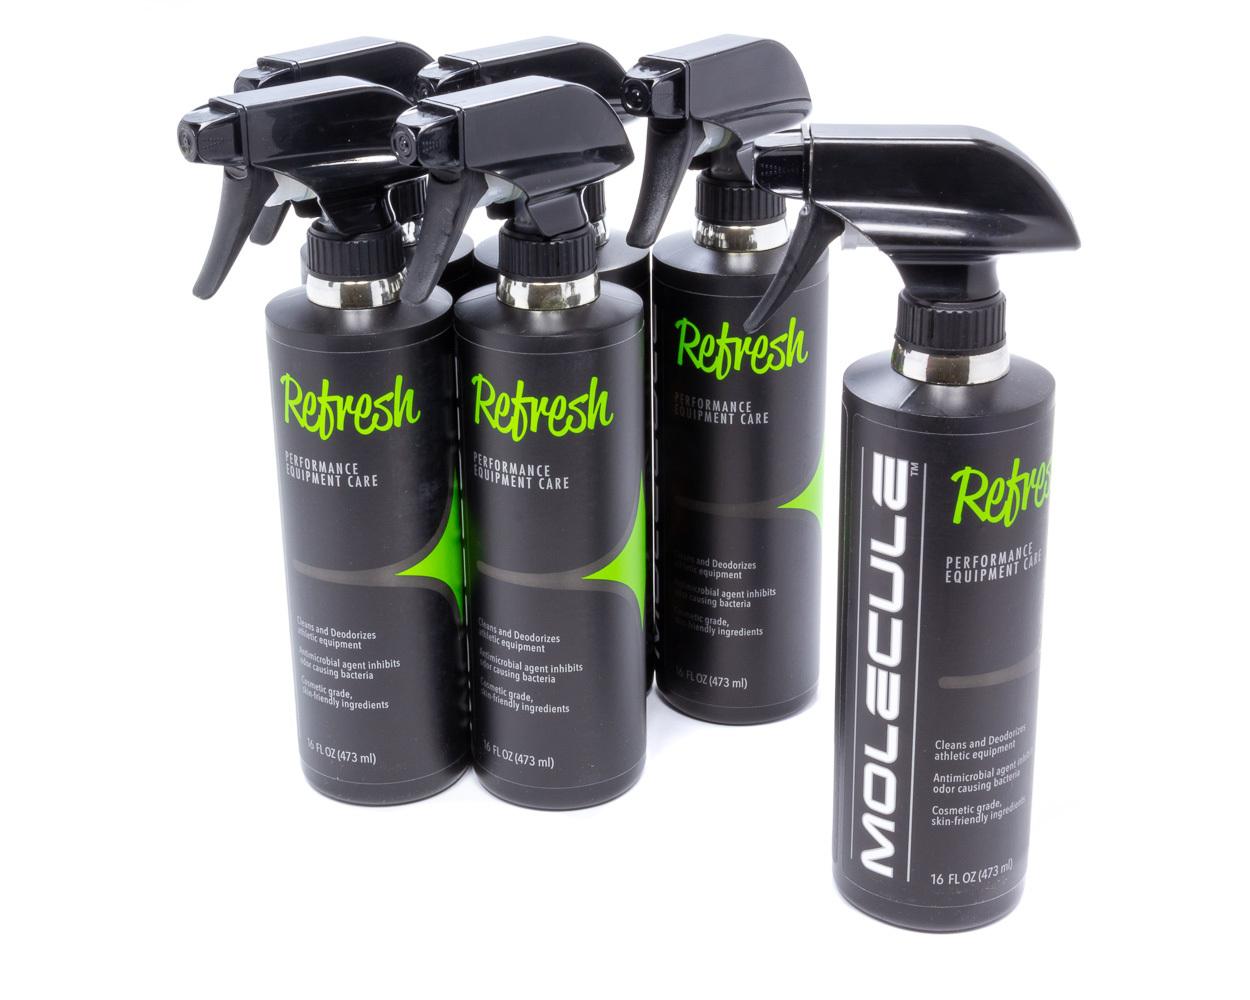 Refresher 16oz Spray Case of 6